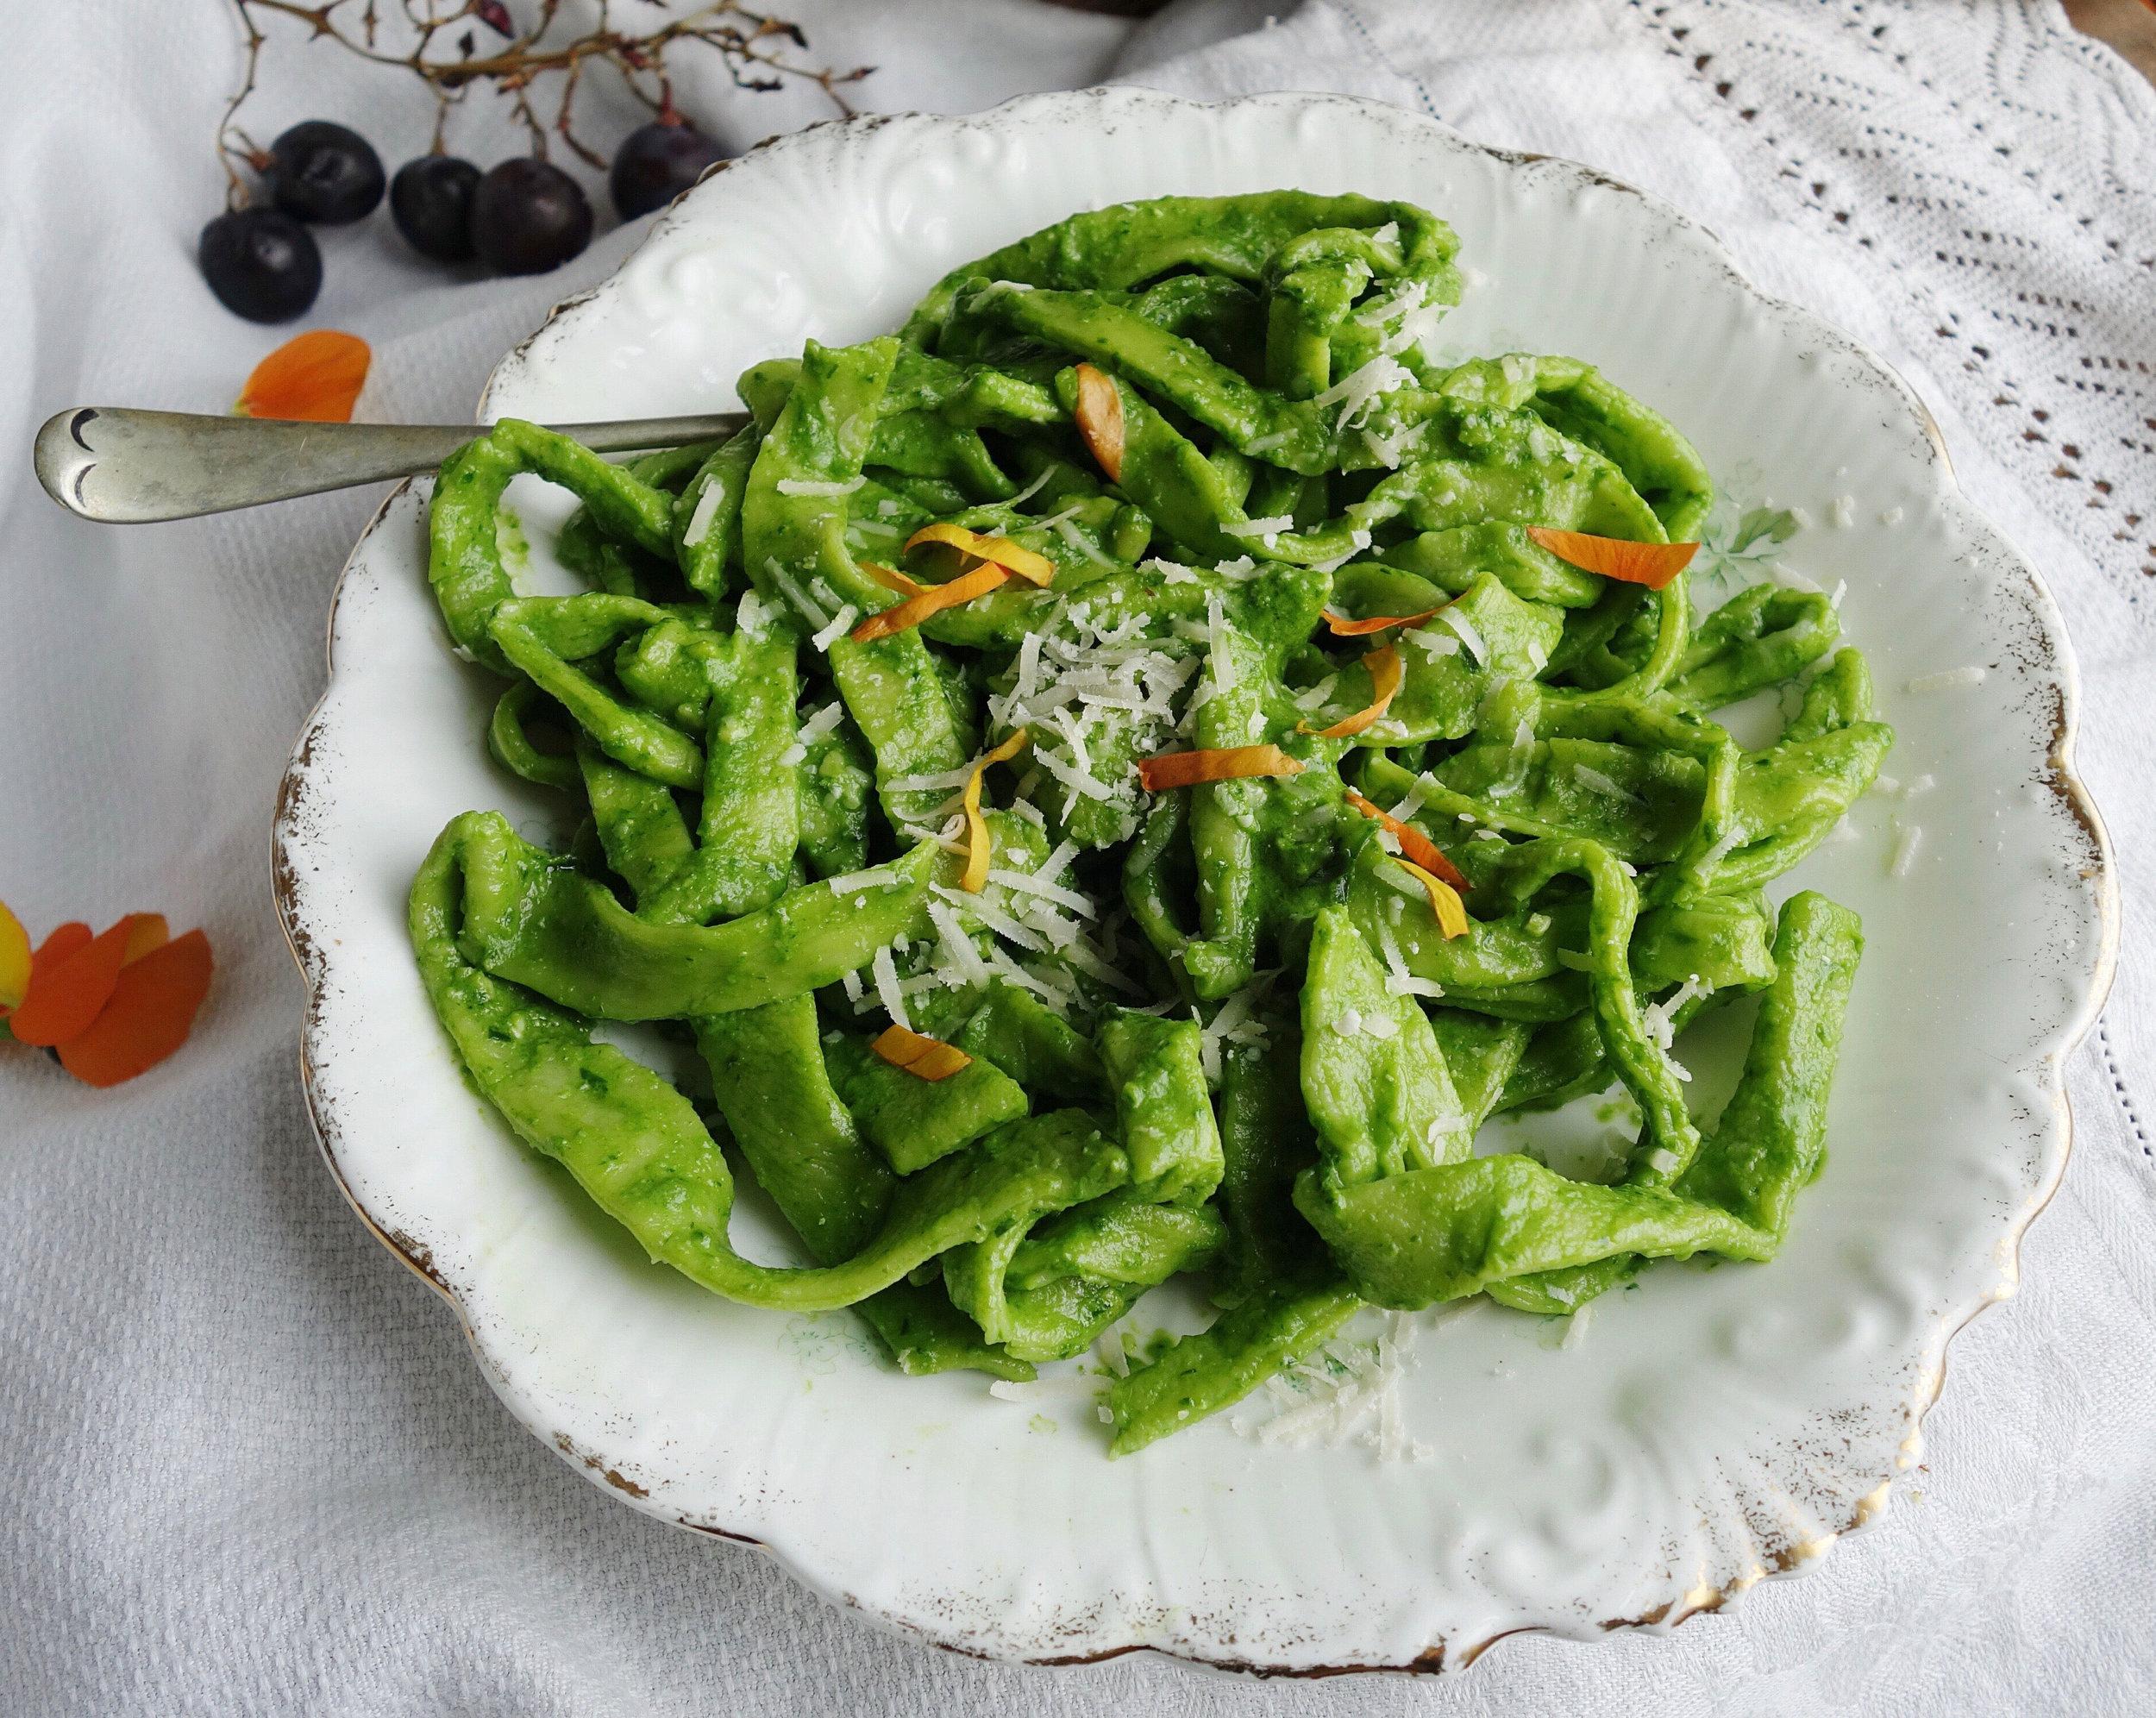 homemade pasta with wild garlic